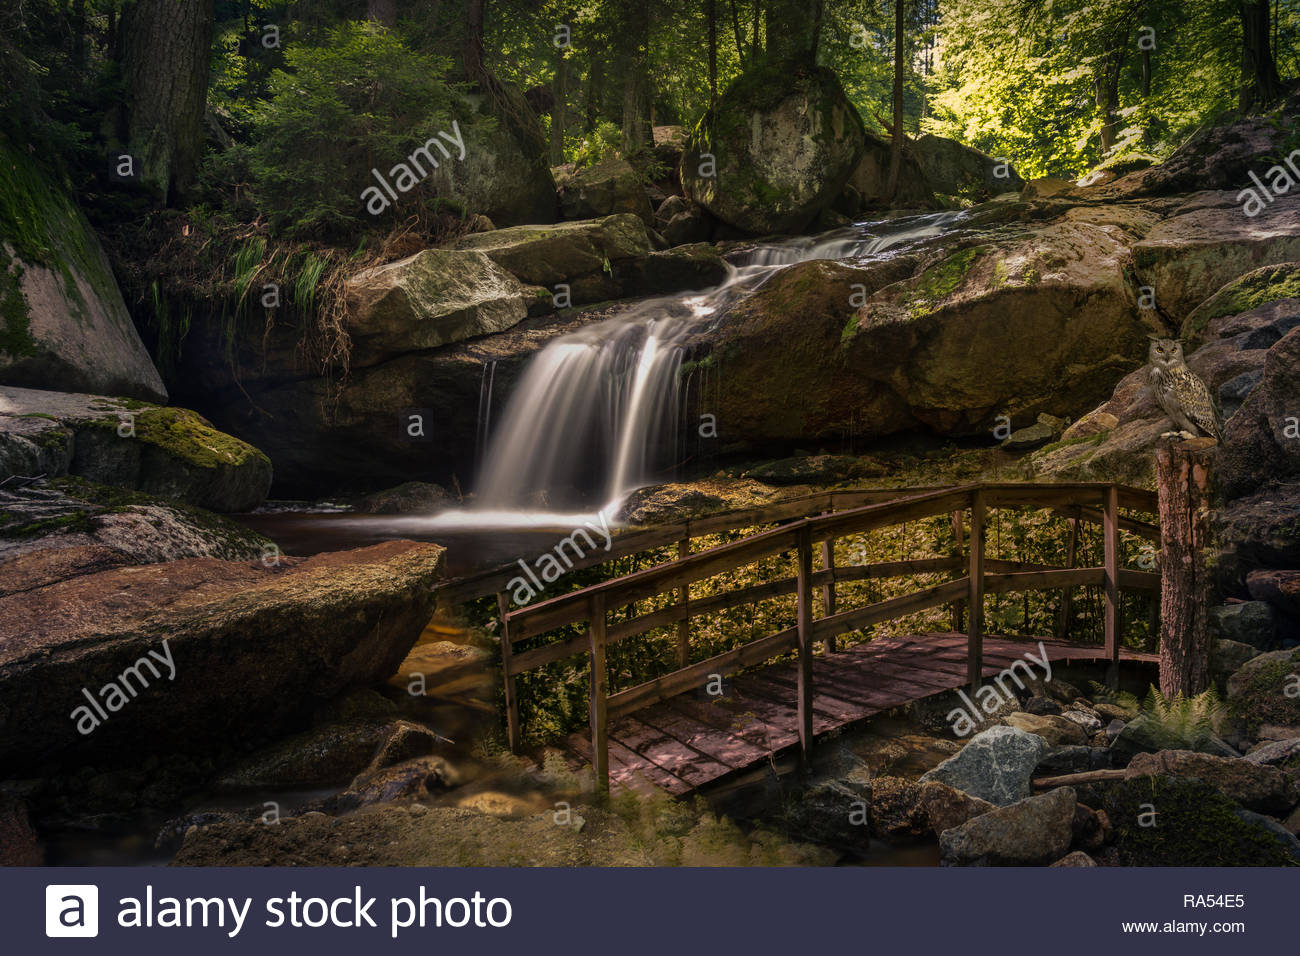 Deep Forest mit Wasserfall, Holzbrücke, Felsen und einer Eule Stockbild